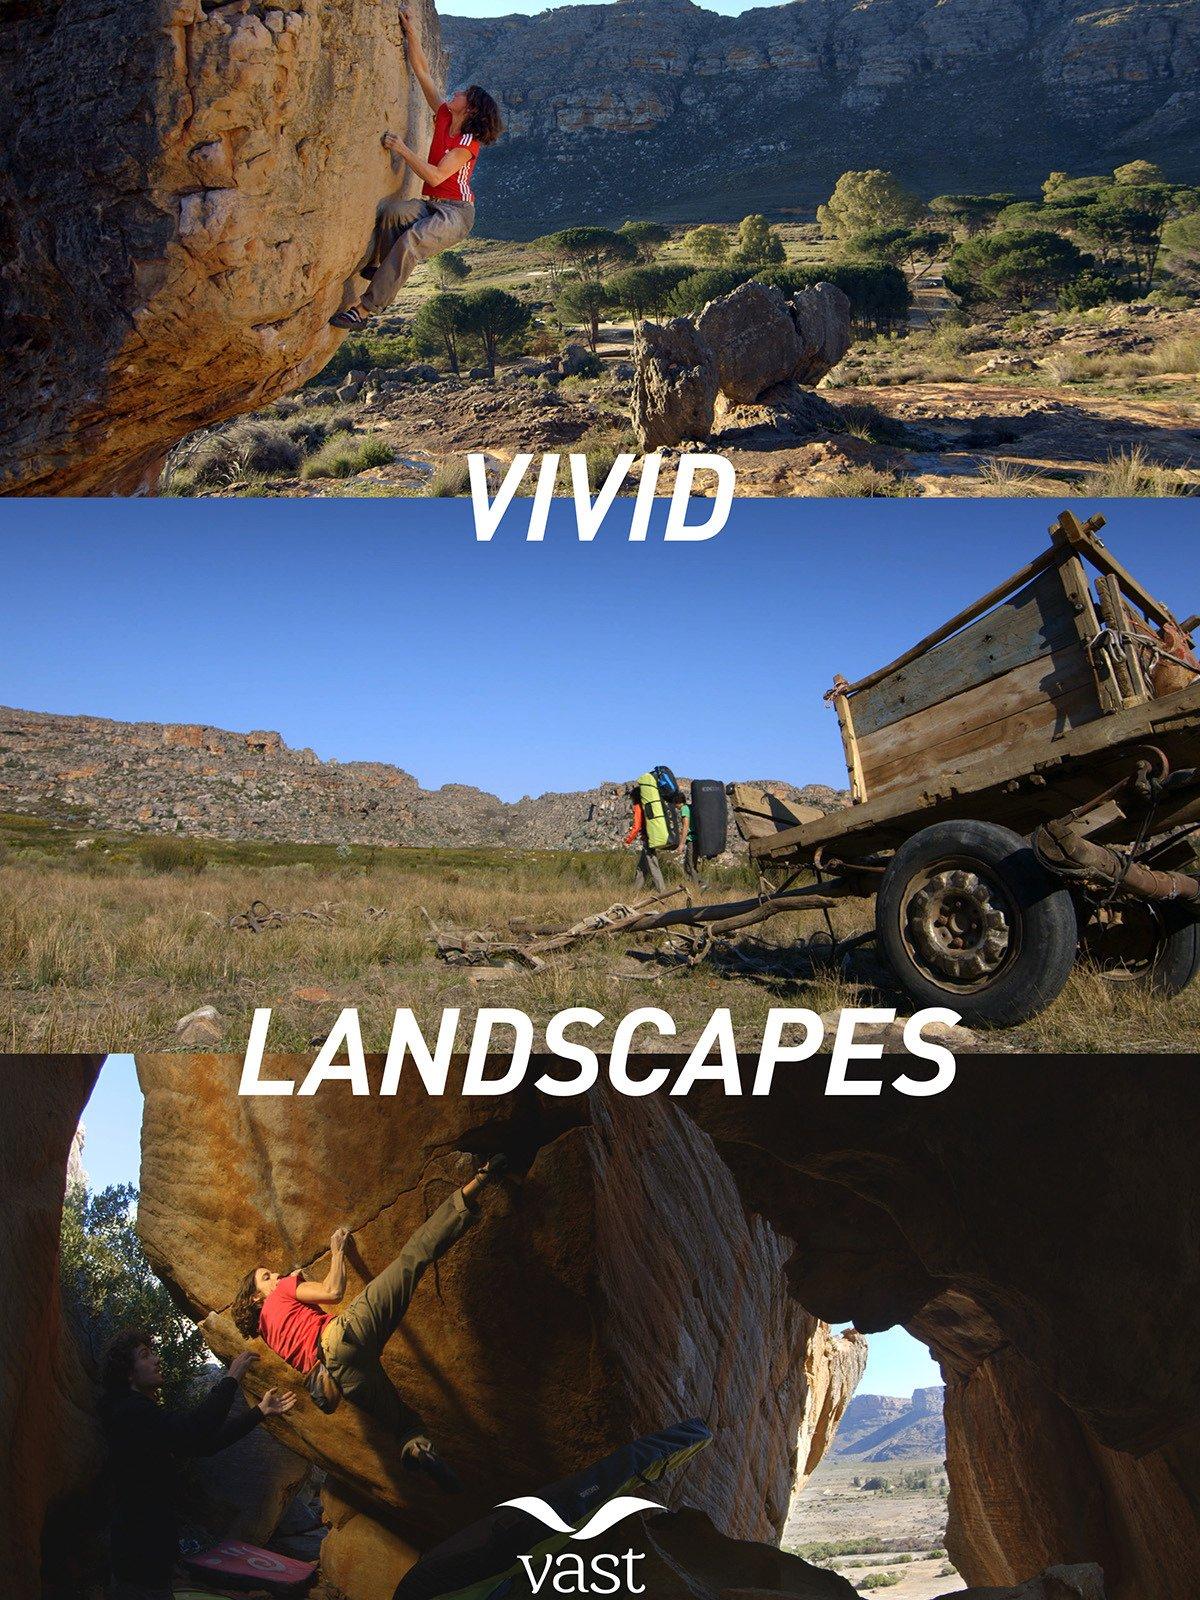 Vivid Landscapes